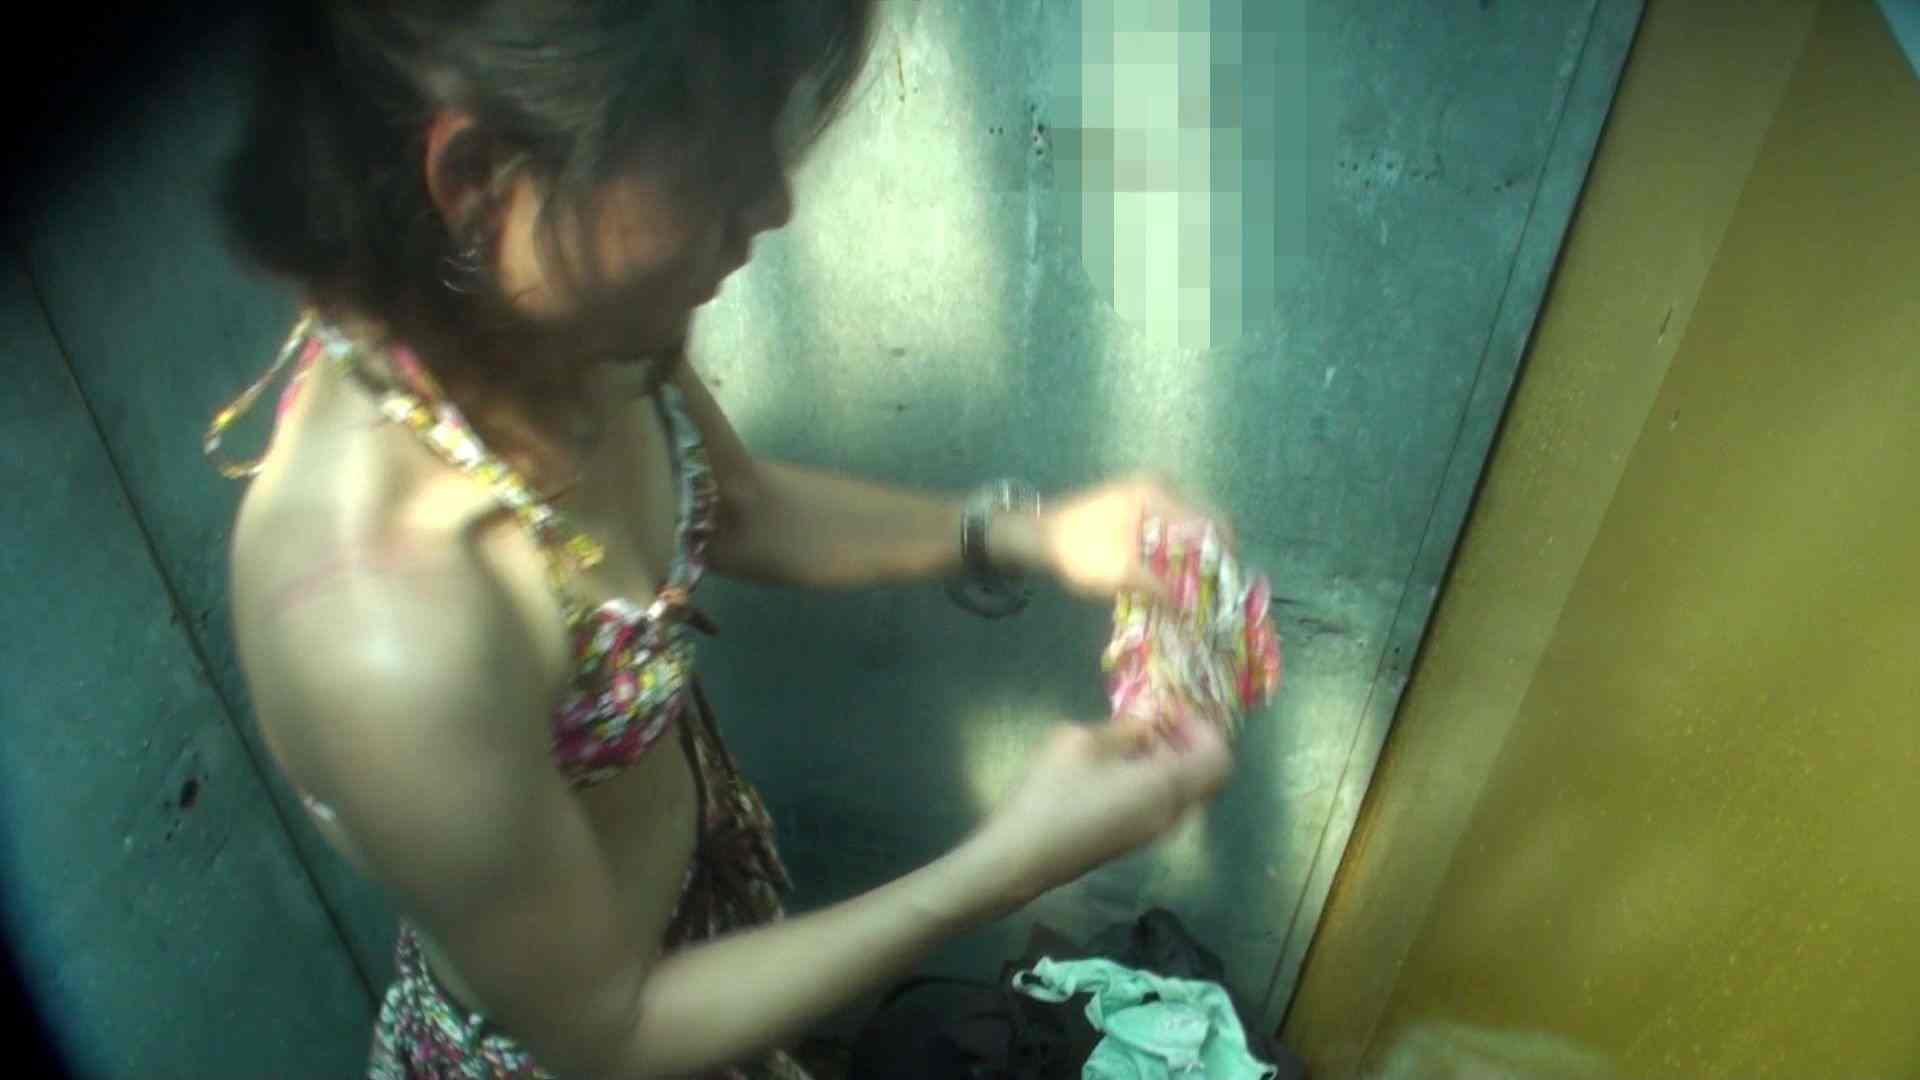 シャワールームは超!!危険な香りVol.16 意外に乳首は年増のそれ シャワー エロ無料画像 97pic 53